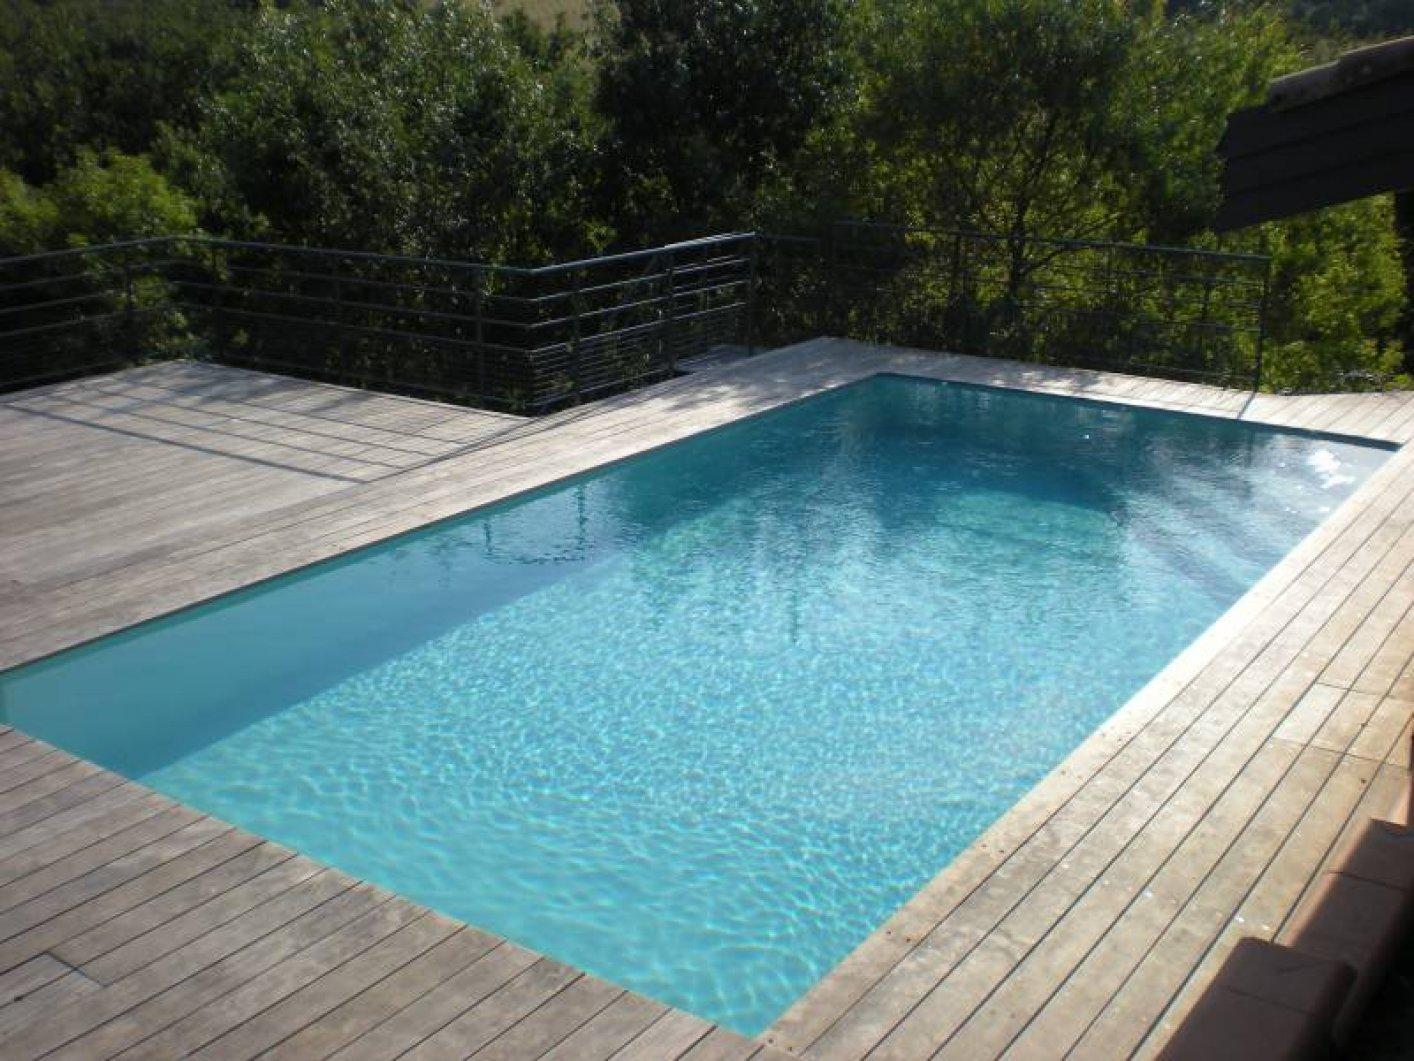 Piscines en aluminium 40 64 - Diabolo piscine ...